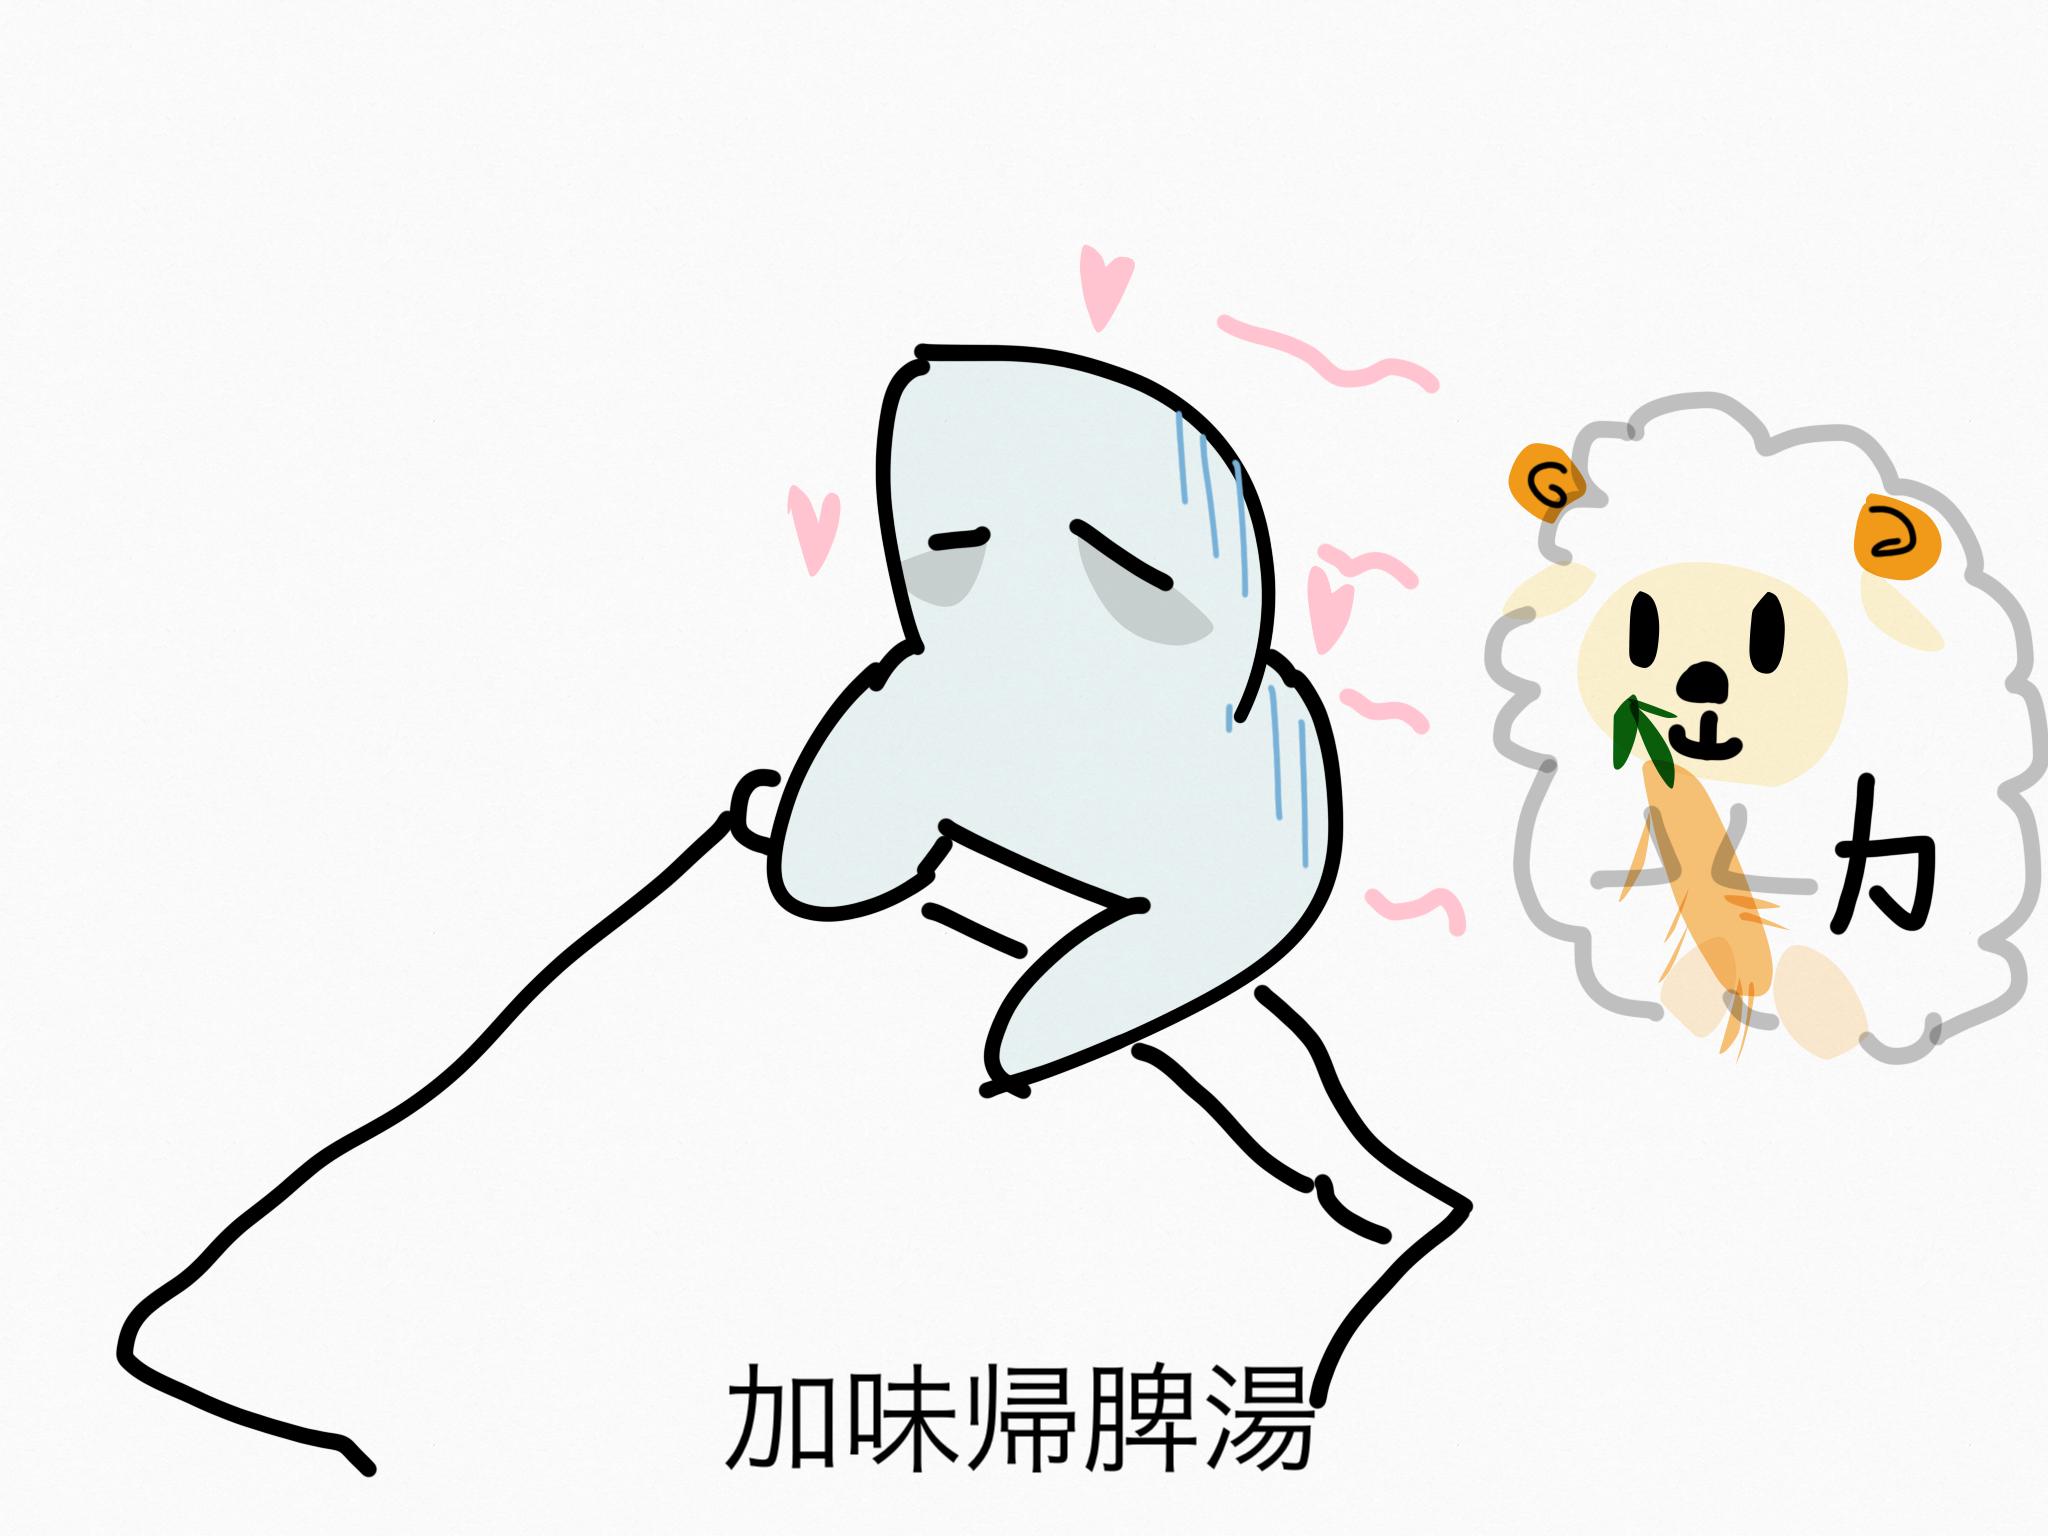 加味帰脾湯(かみきひとう)[不眠症・神経症]【漢方の覚え方】